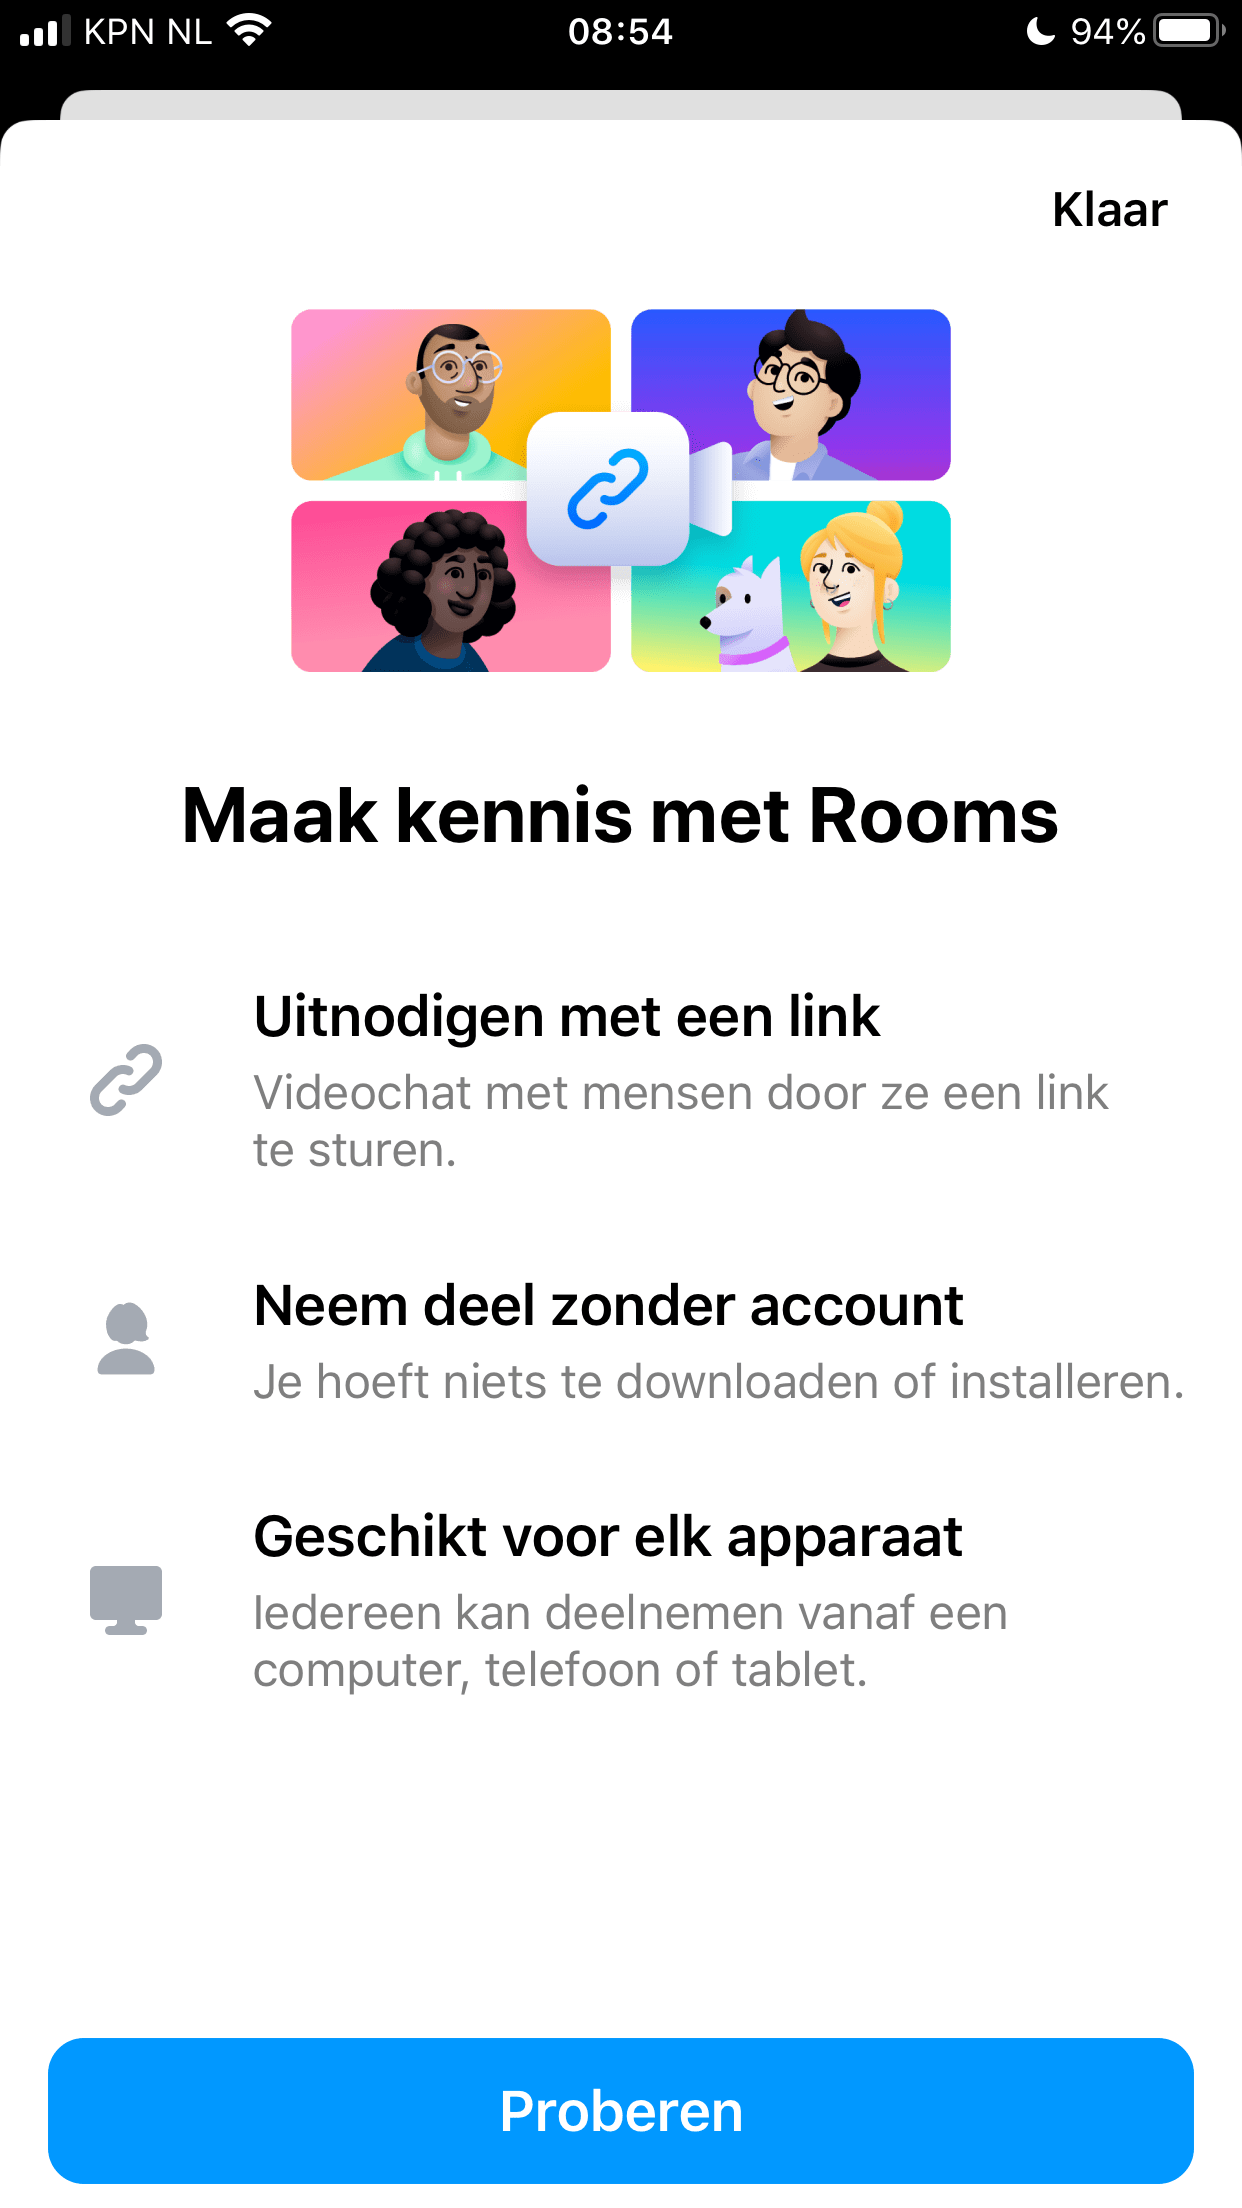 Facebook Messenger Rooms - maak kennis met rooms